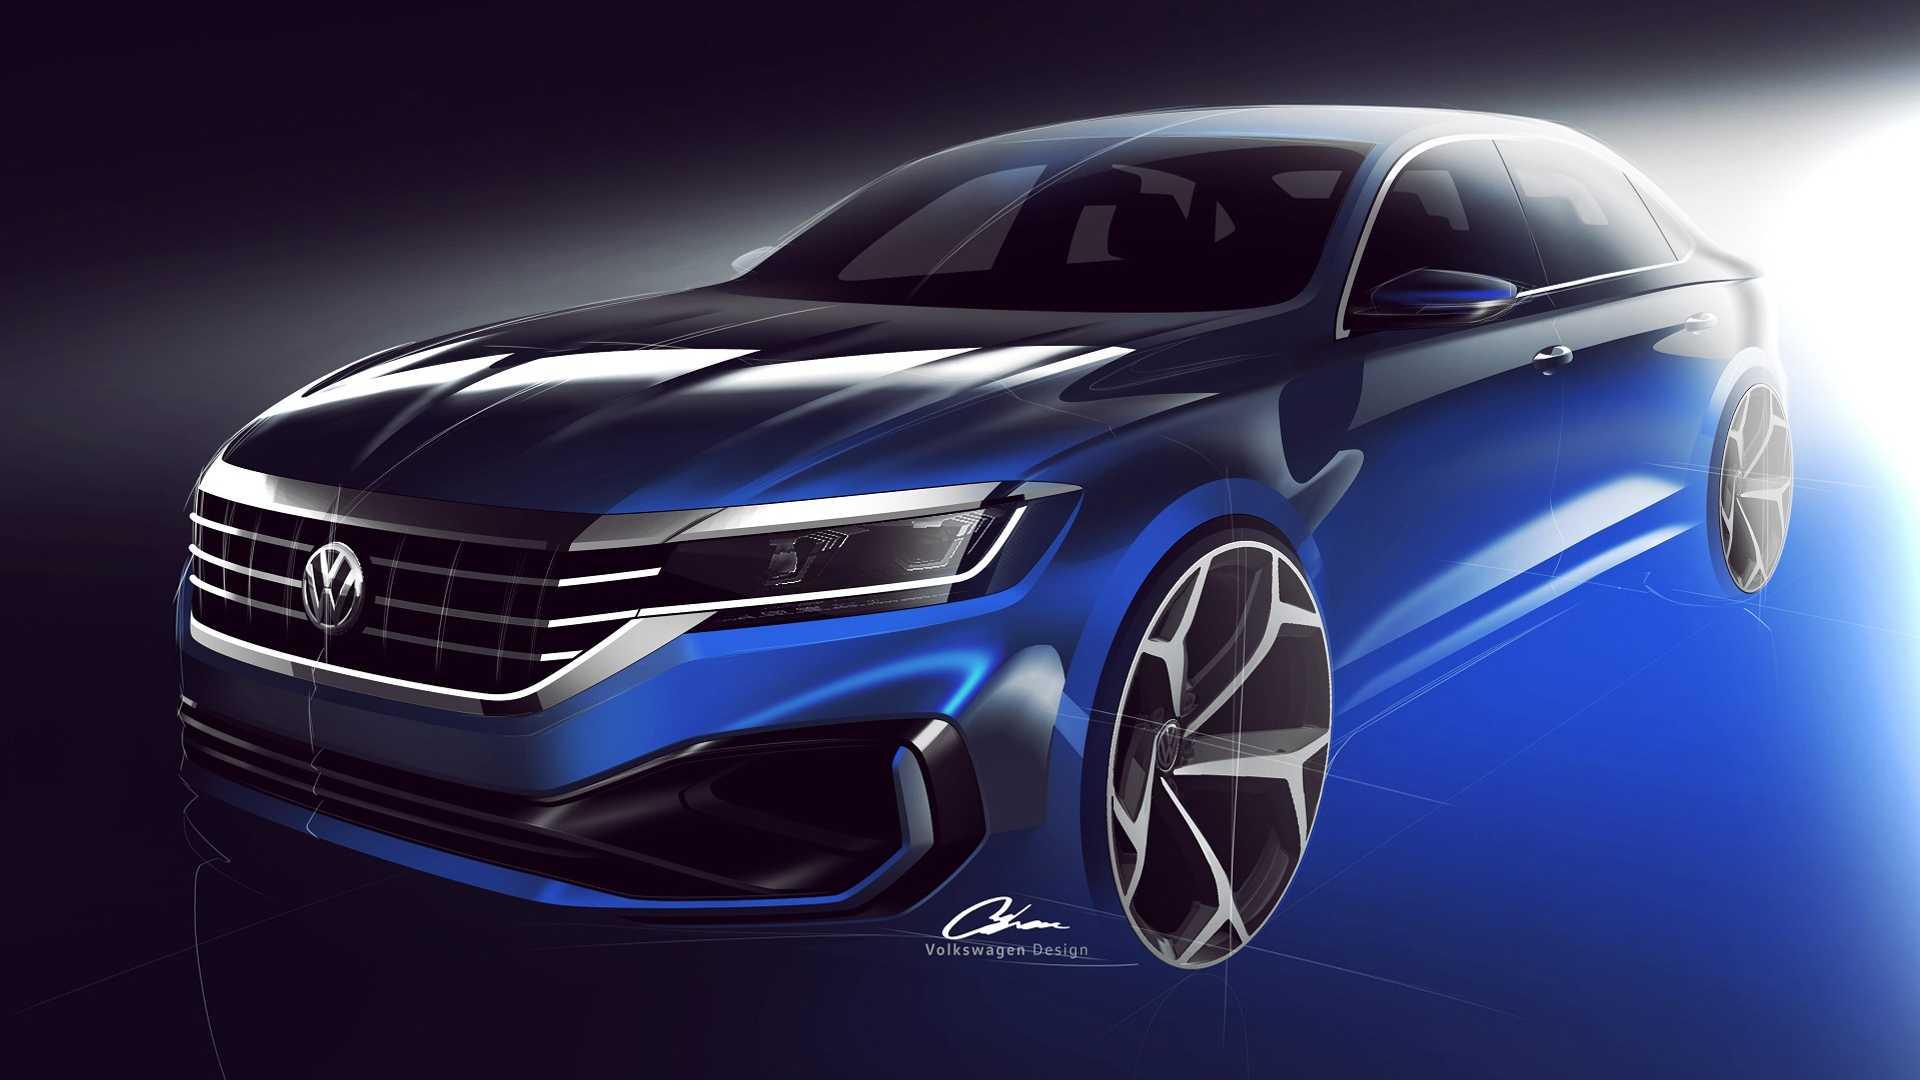 2020 Volkswagen Passat For U.S. Market Teased, Doesn't Look Promising - autoevolution